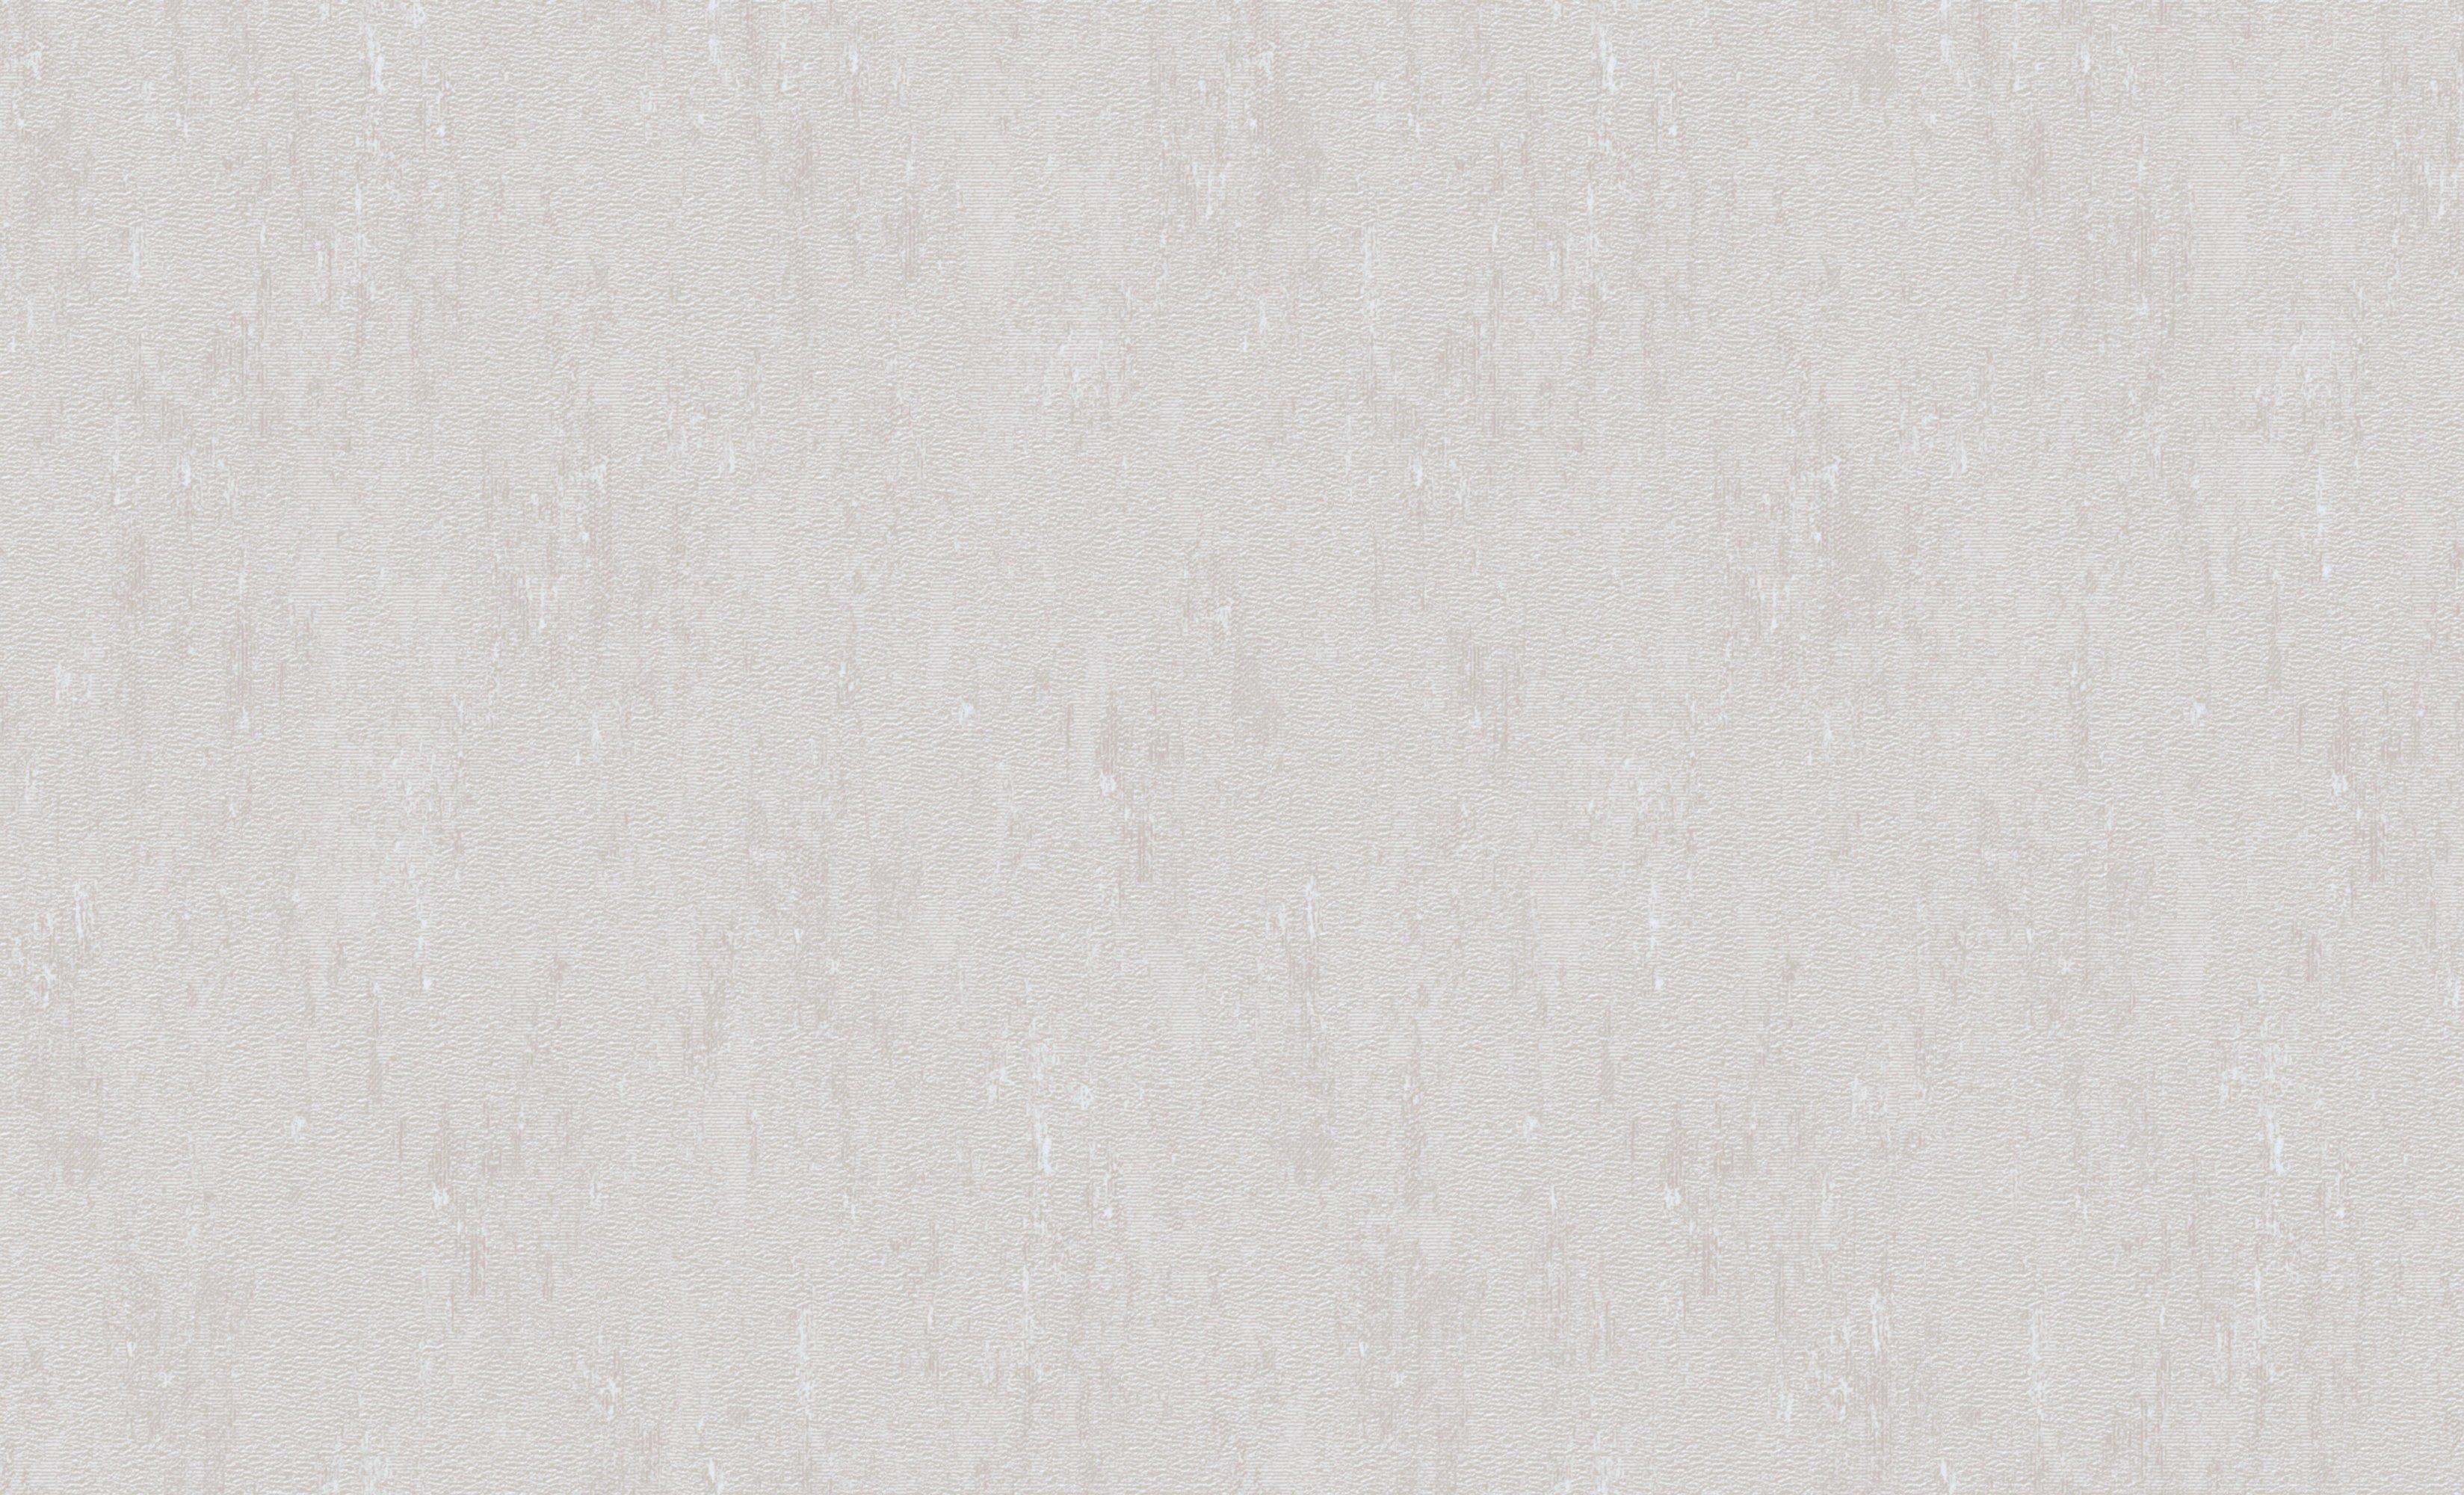 арт. 3740-6